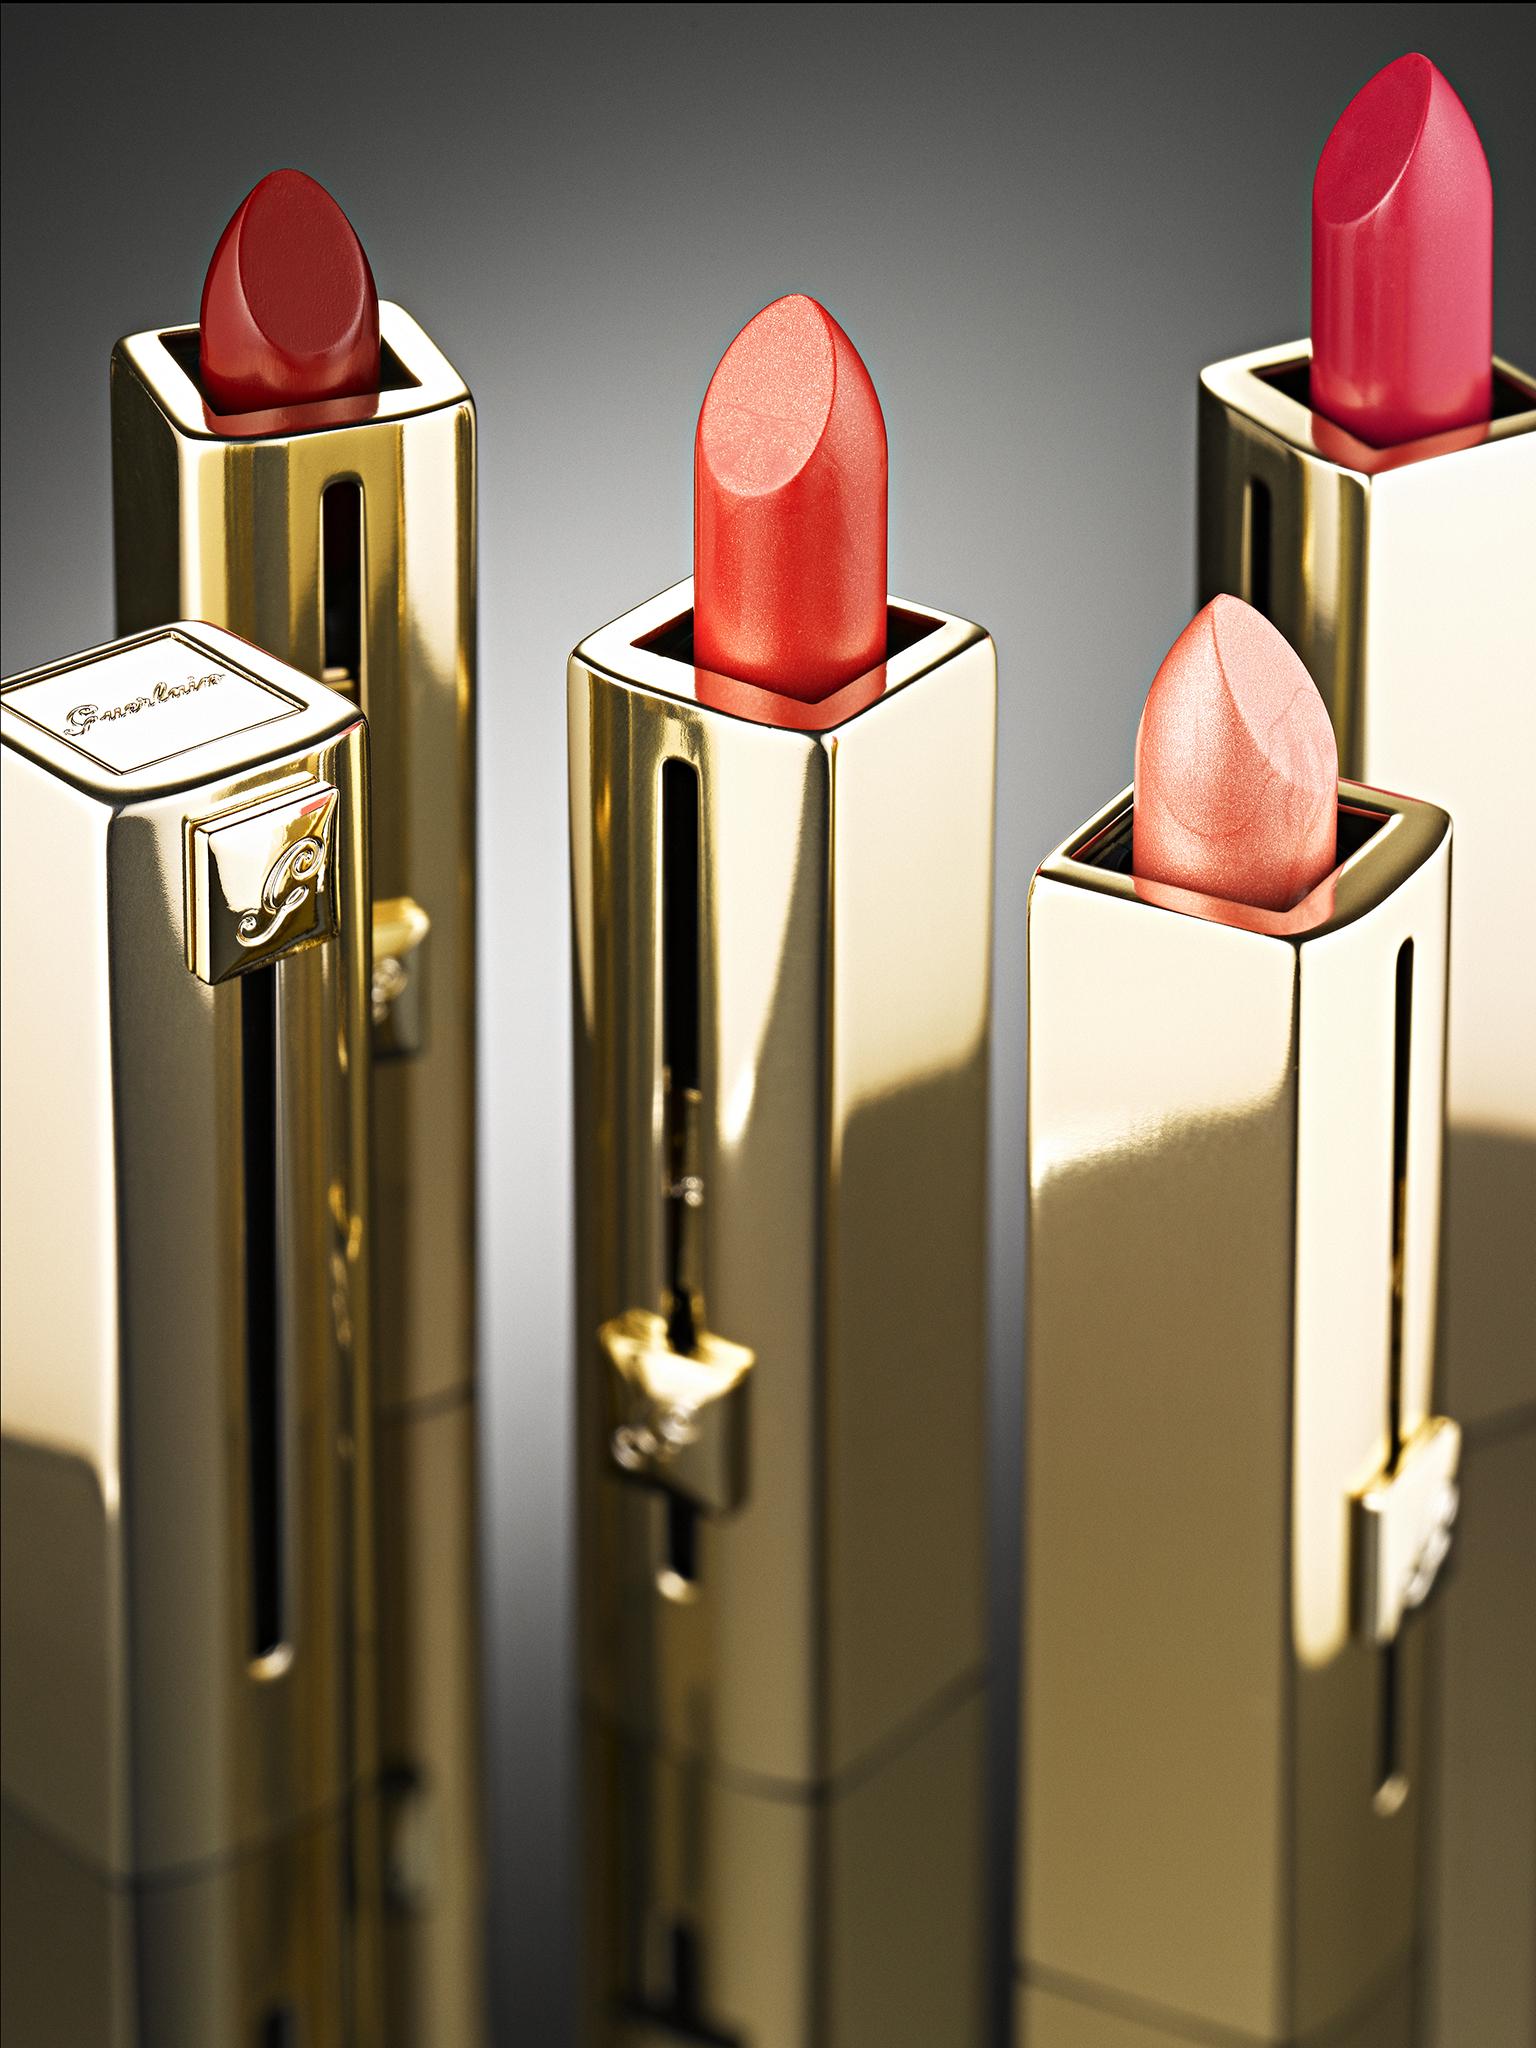 002-LipstickTowers-web.jpg